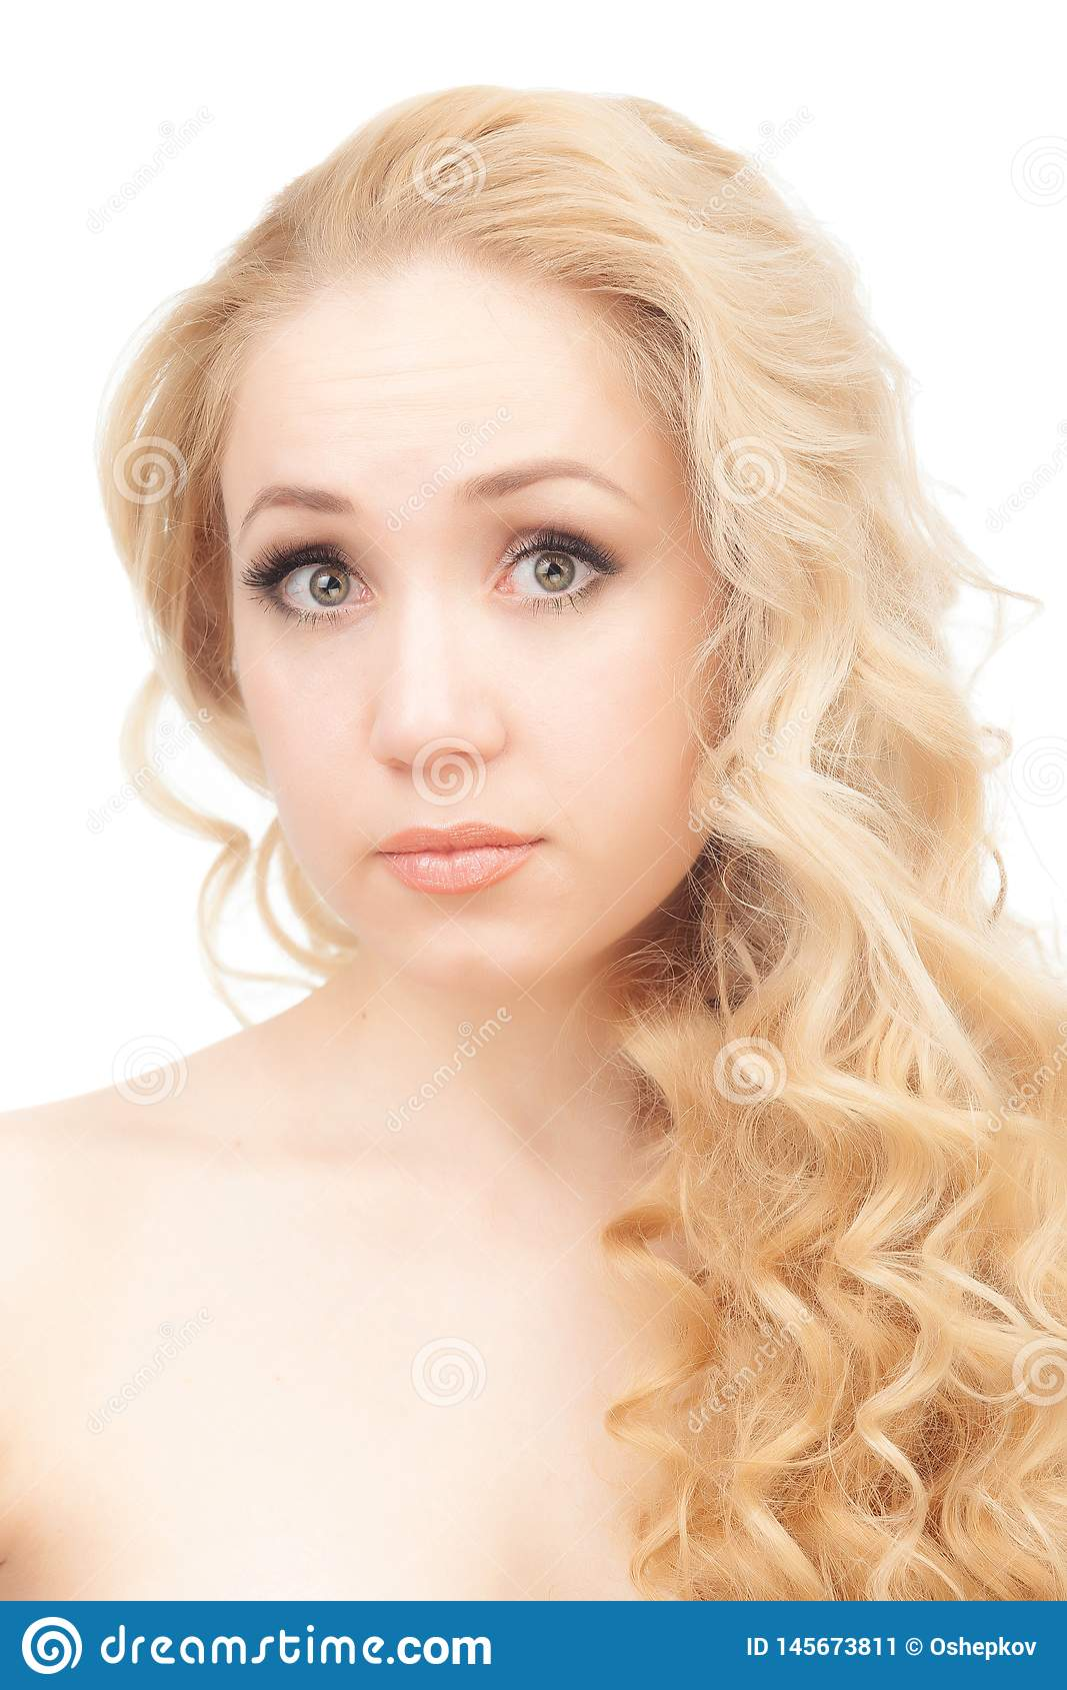 Portret Van Een Half-naked Blonde Op Een Witte Achtergrond